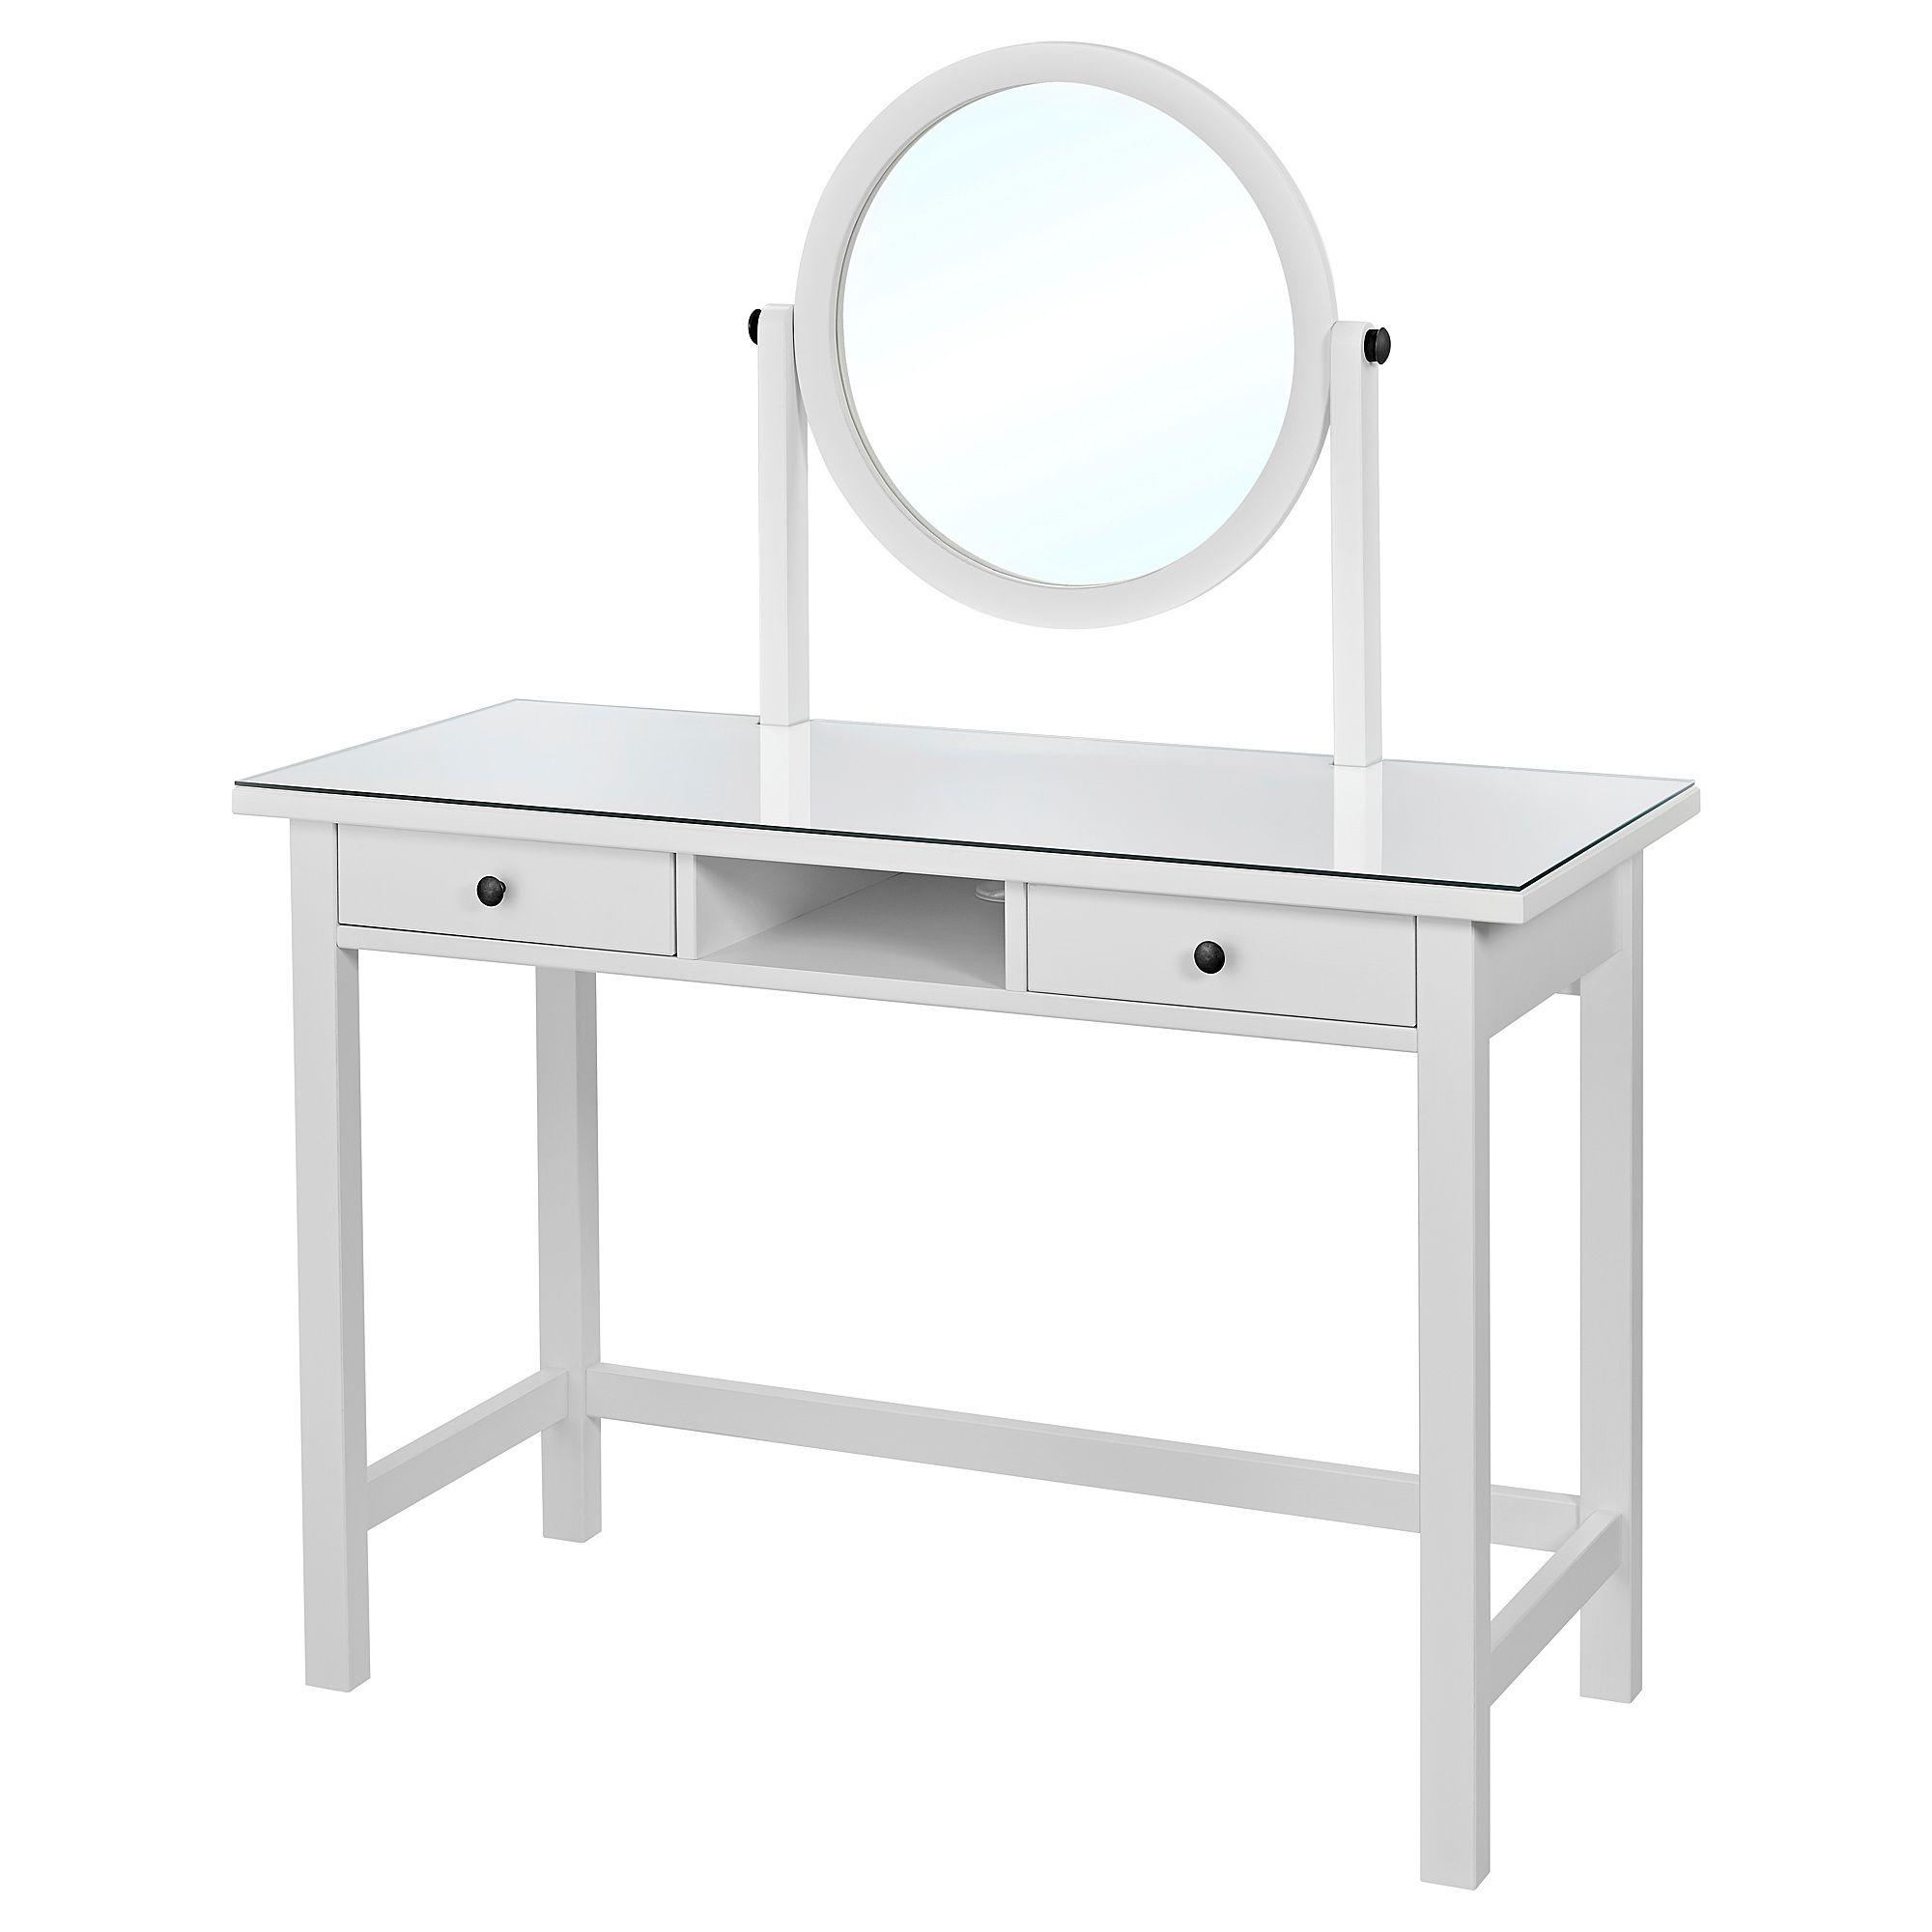 Frisiertisch Ohne Spiegel hemnes frisiertisch mit spiegel weiß schminktisch frisierkommode